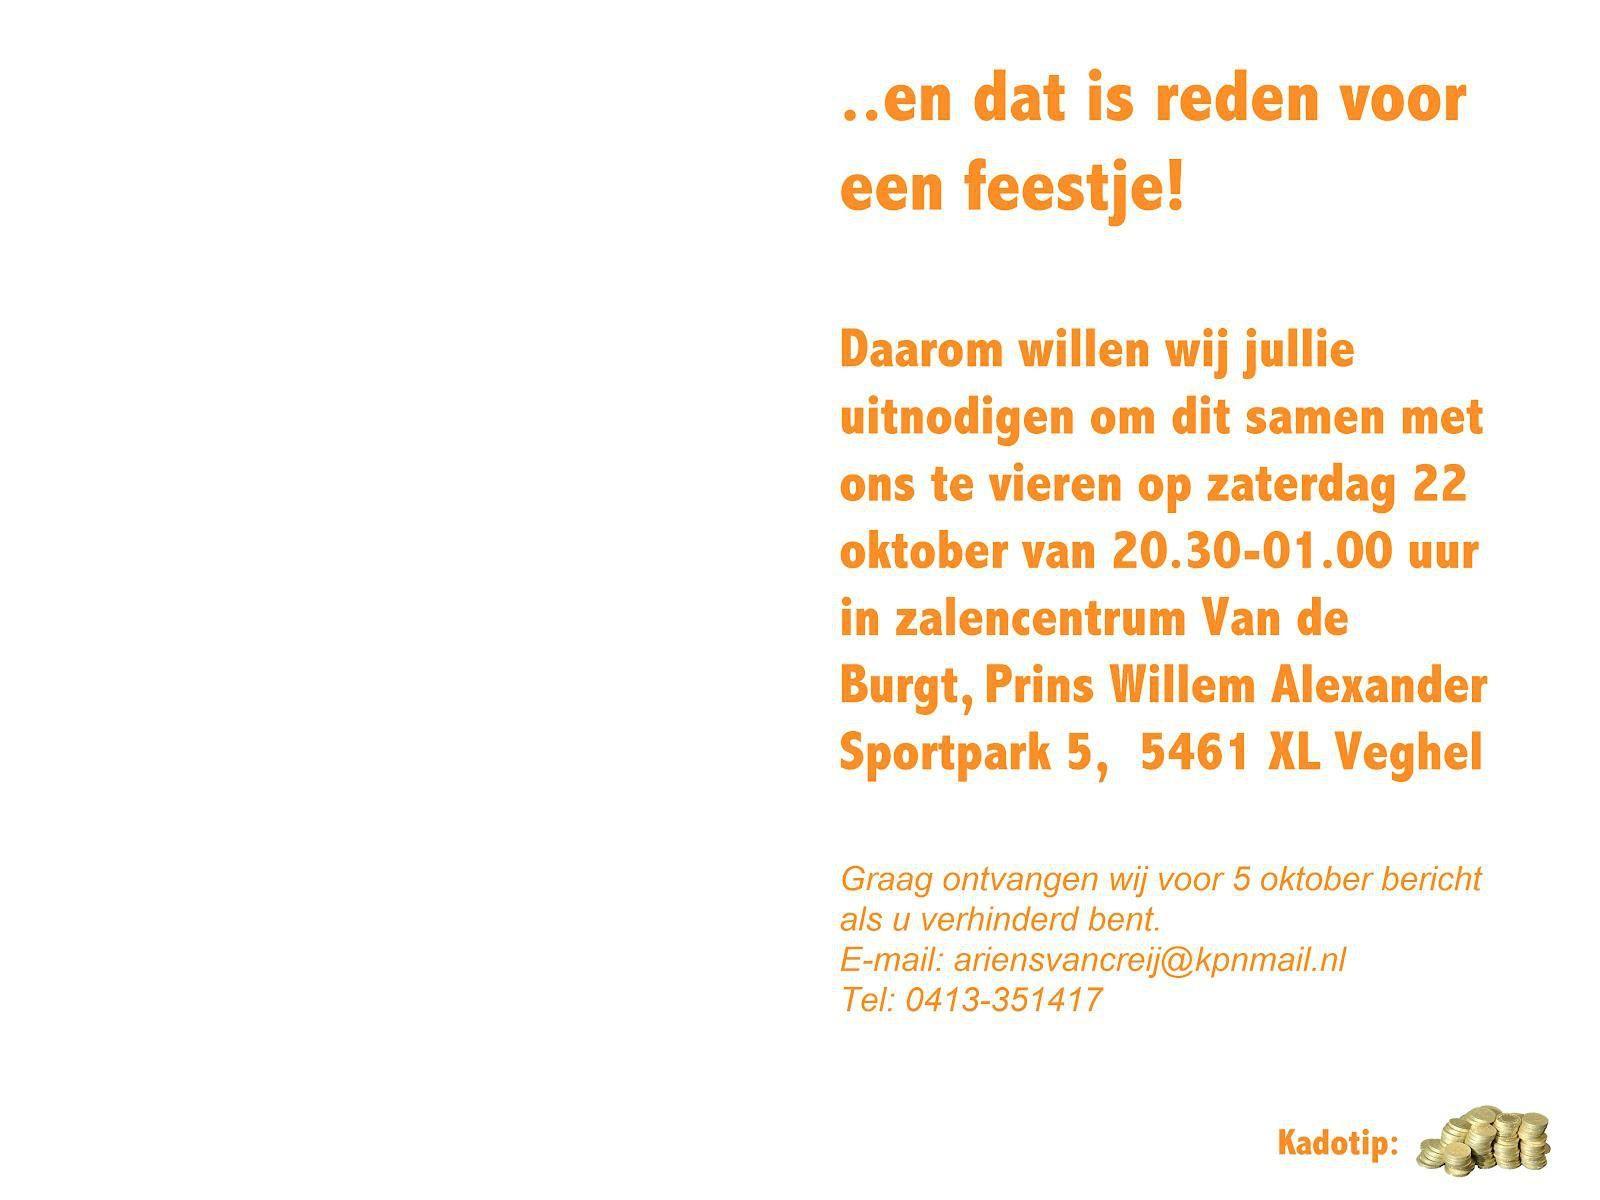 Ongebruikt Voorbeeld Uitnodiging Verjaardag : Voorbeeld Uitnodiging CE-19